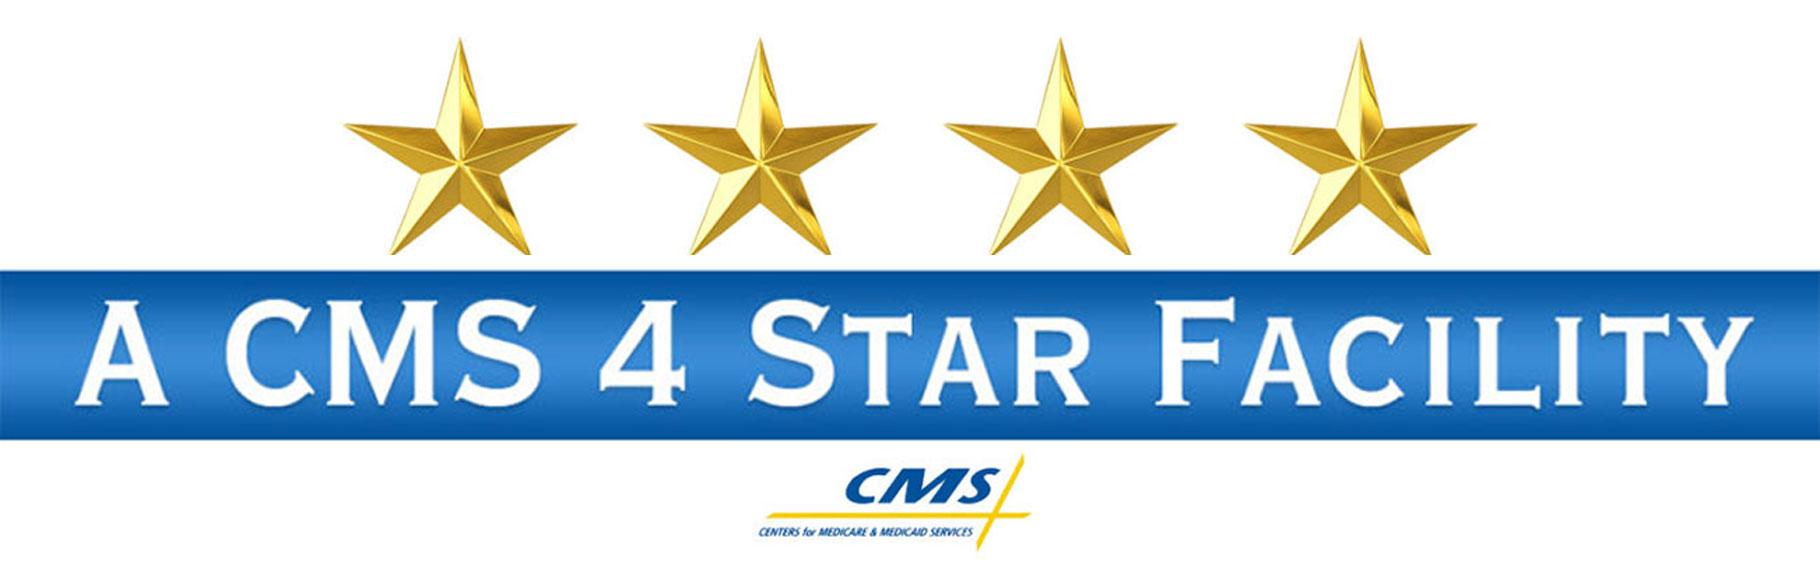 A CMS 4 Star Facility